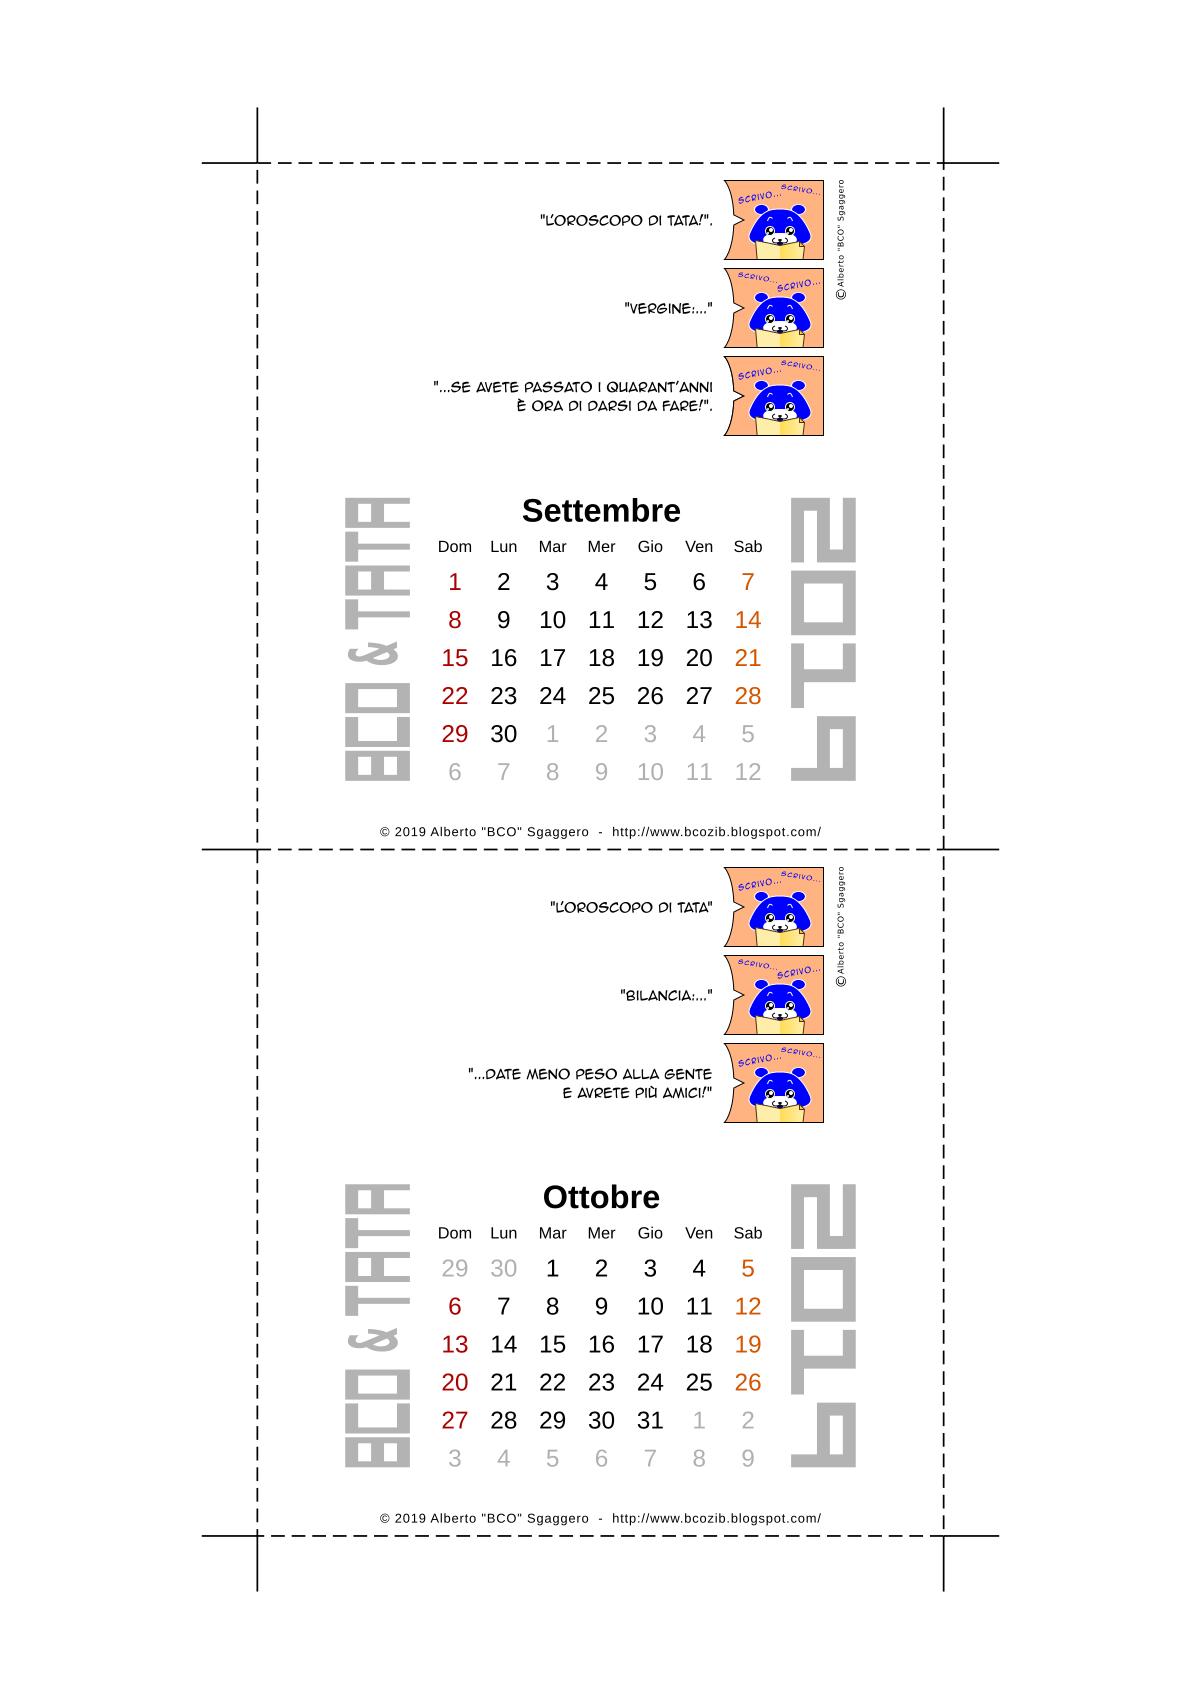 Il calendario 2019 di BCO e TATA - Settembre e Ottobre